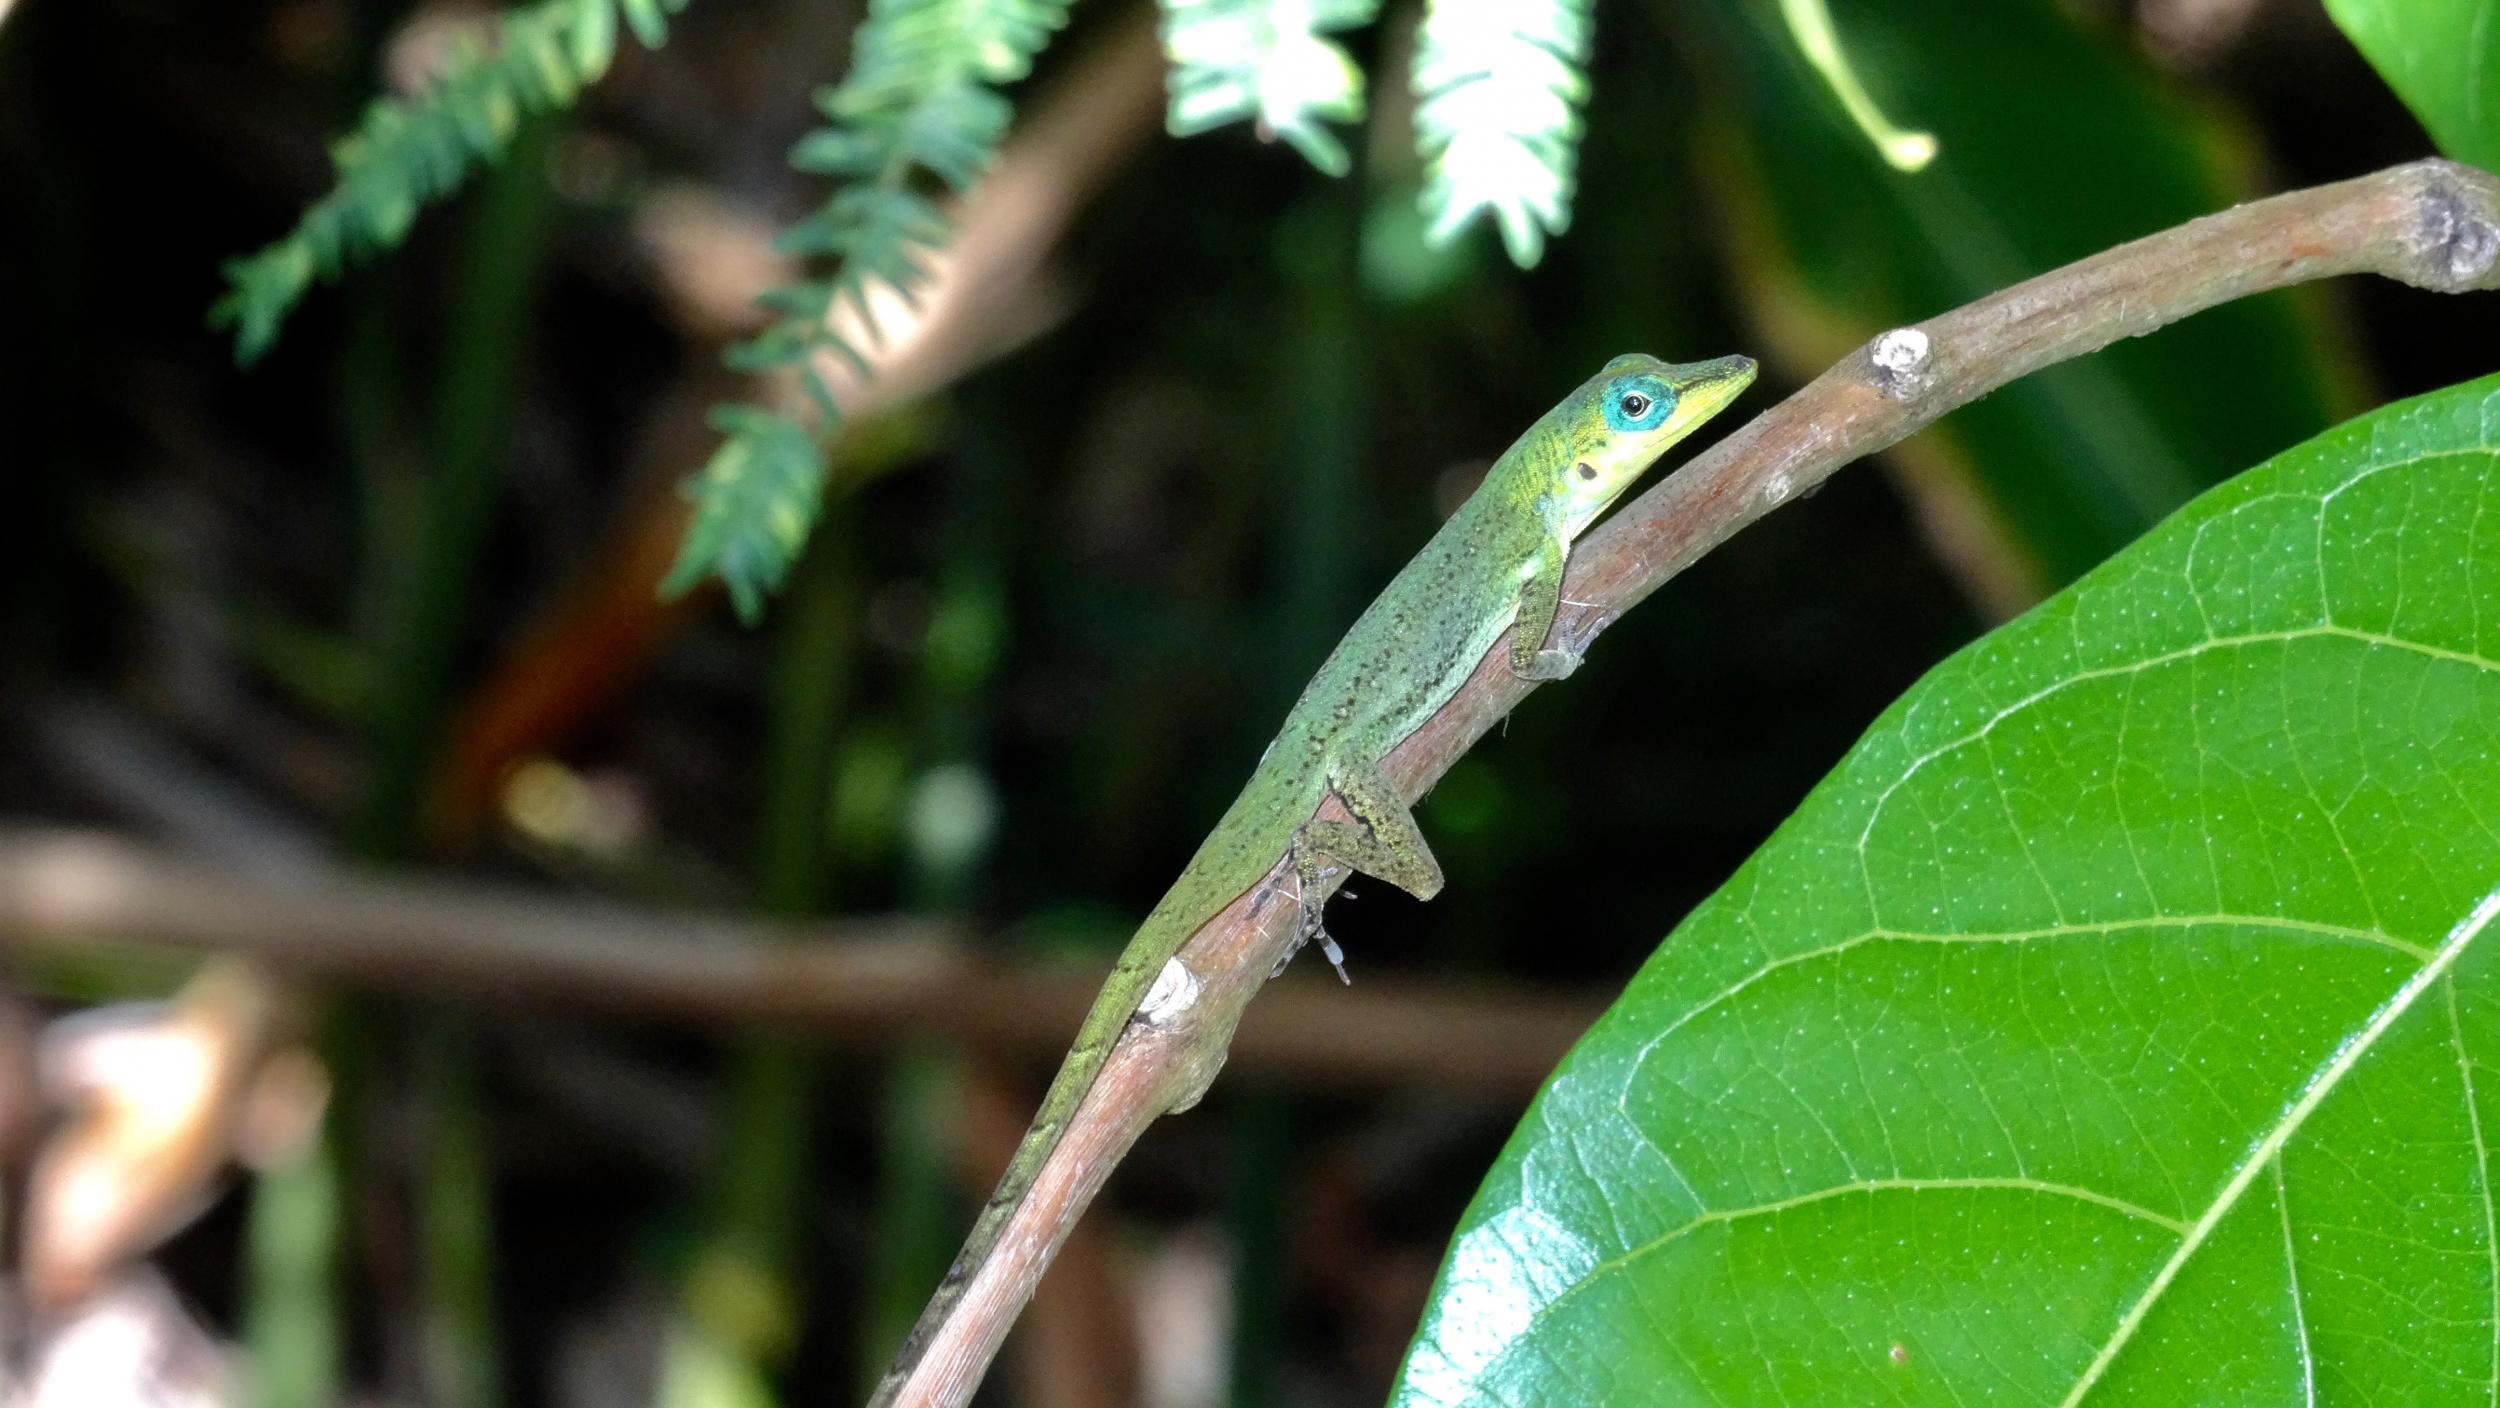 33. Lizard hiding in the garden